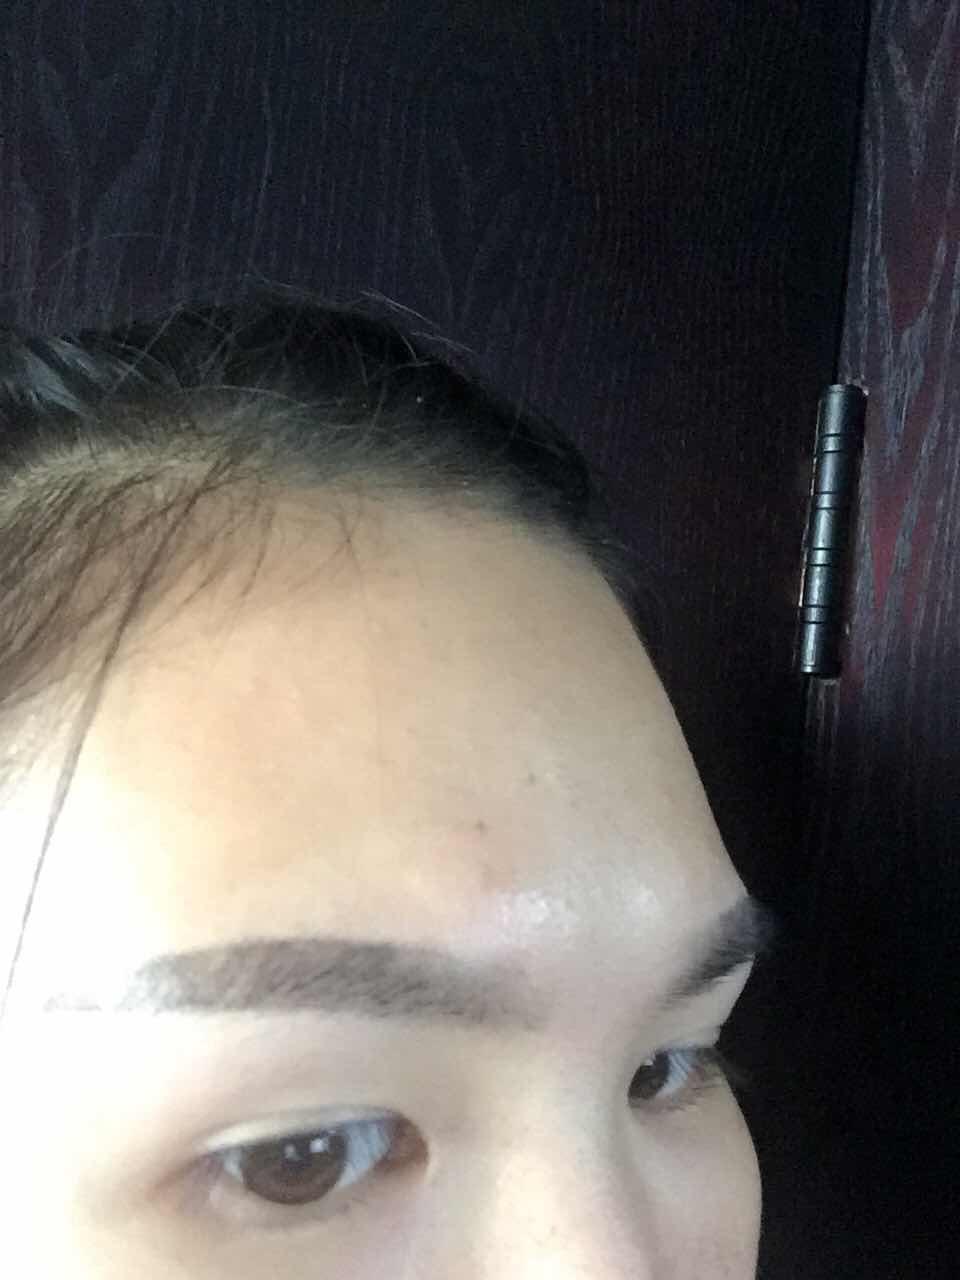 眉骨突出怎么办,眉骨真的好突啊,想做丰额头和双眼皮,好自卑呀,在韩国做的宝宝,能提供下参考价吗